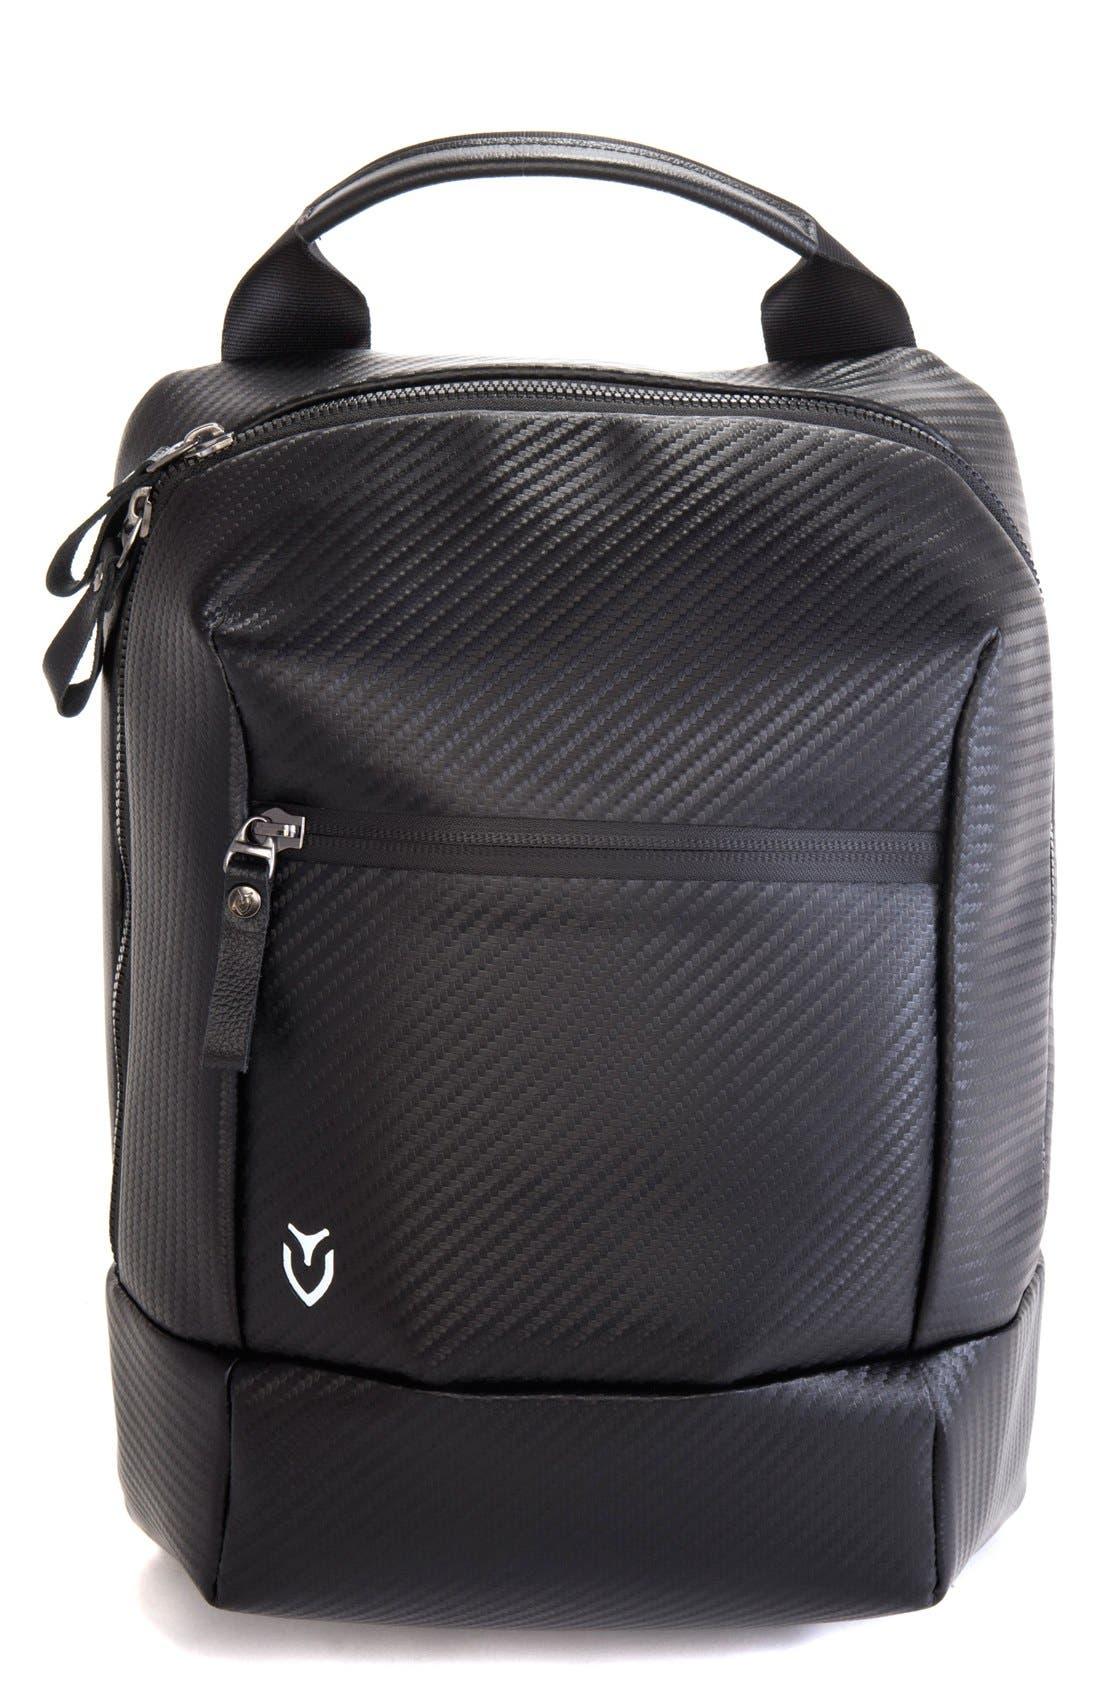 Main Image - Vessel Pebbled Faux Leather Shoe Bag